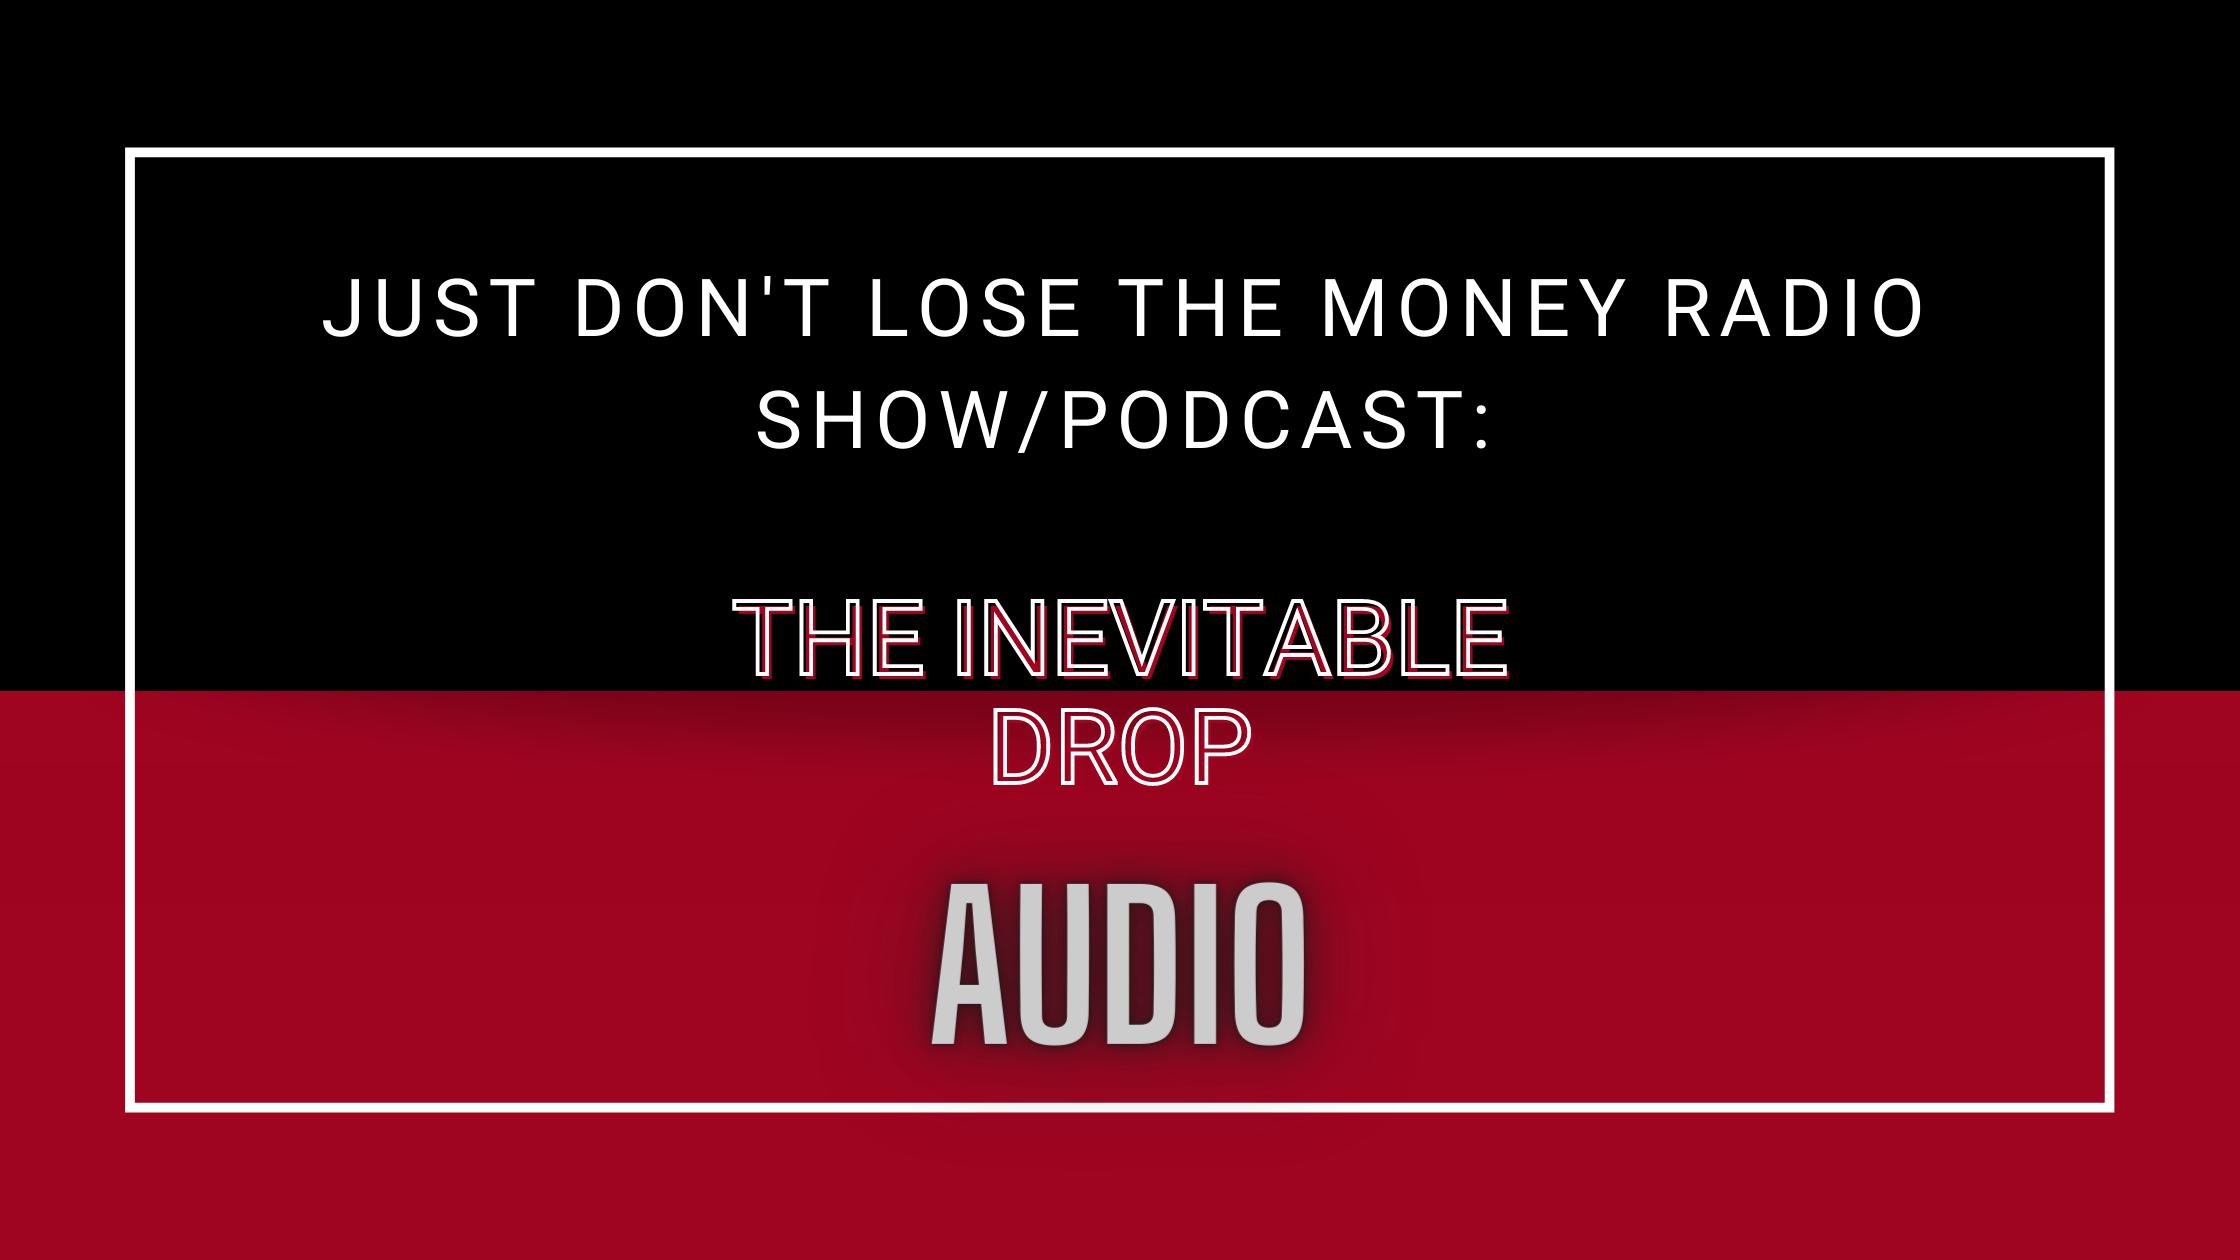 The Inevitable Drop